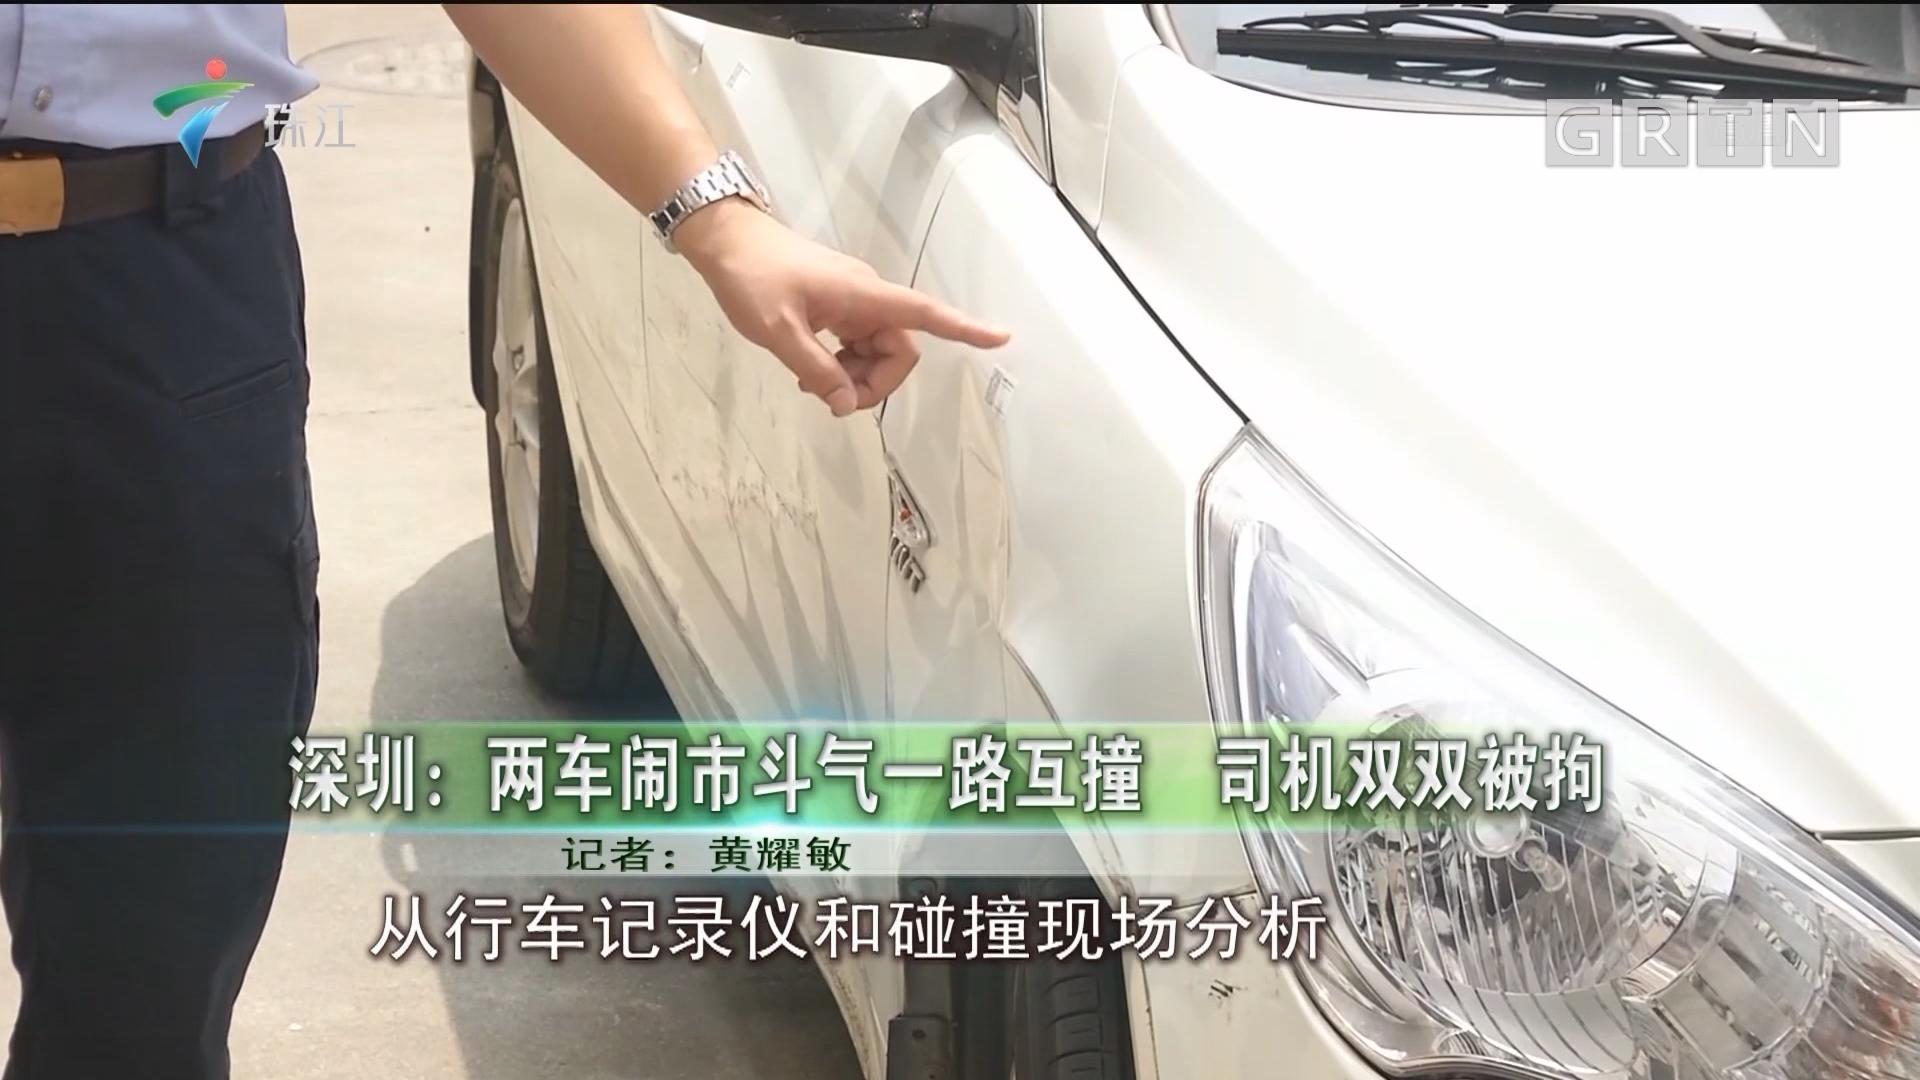 深圳:两车闹市斗气一路互撞 司机双双被拘